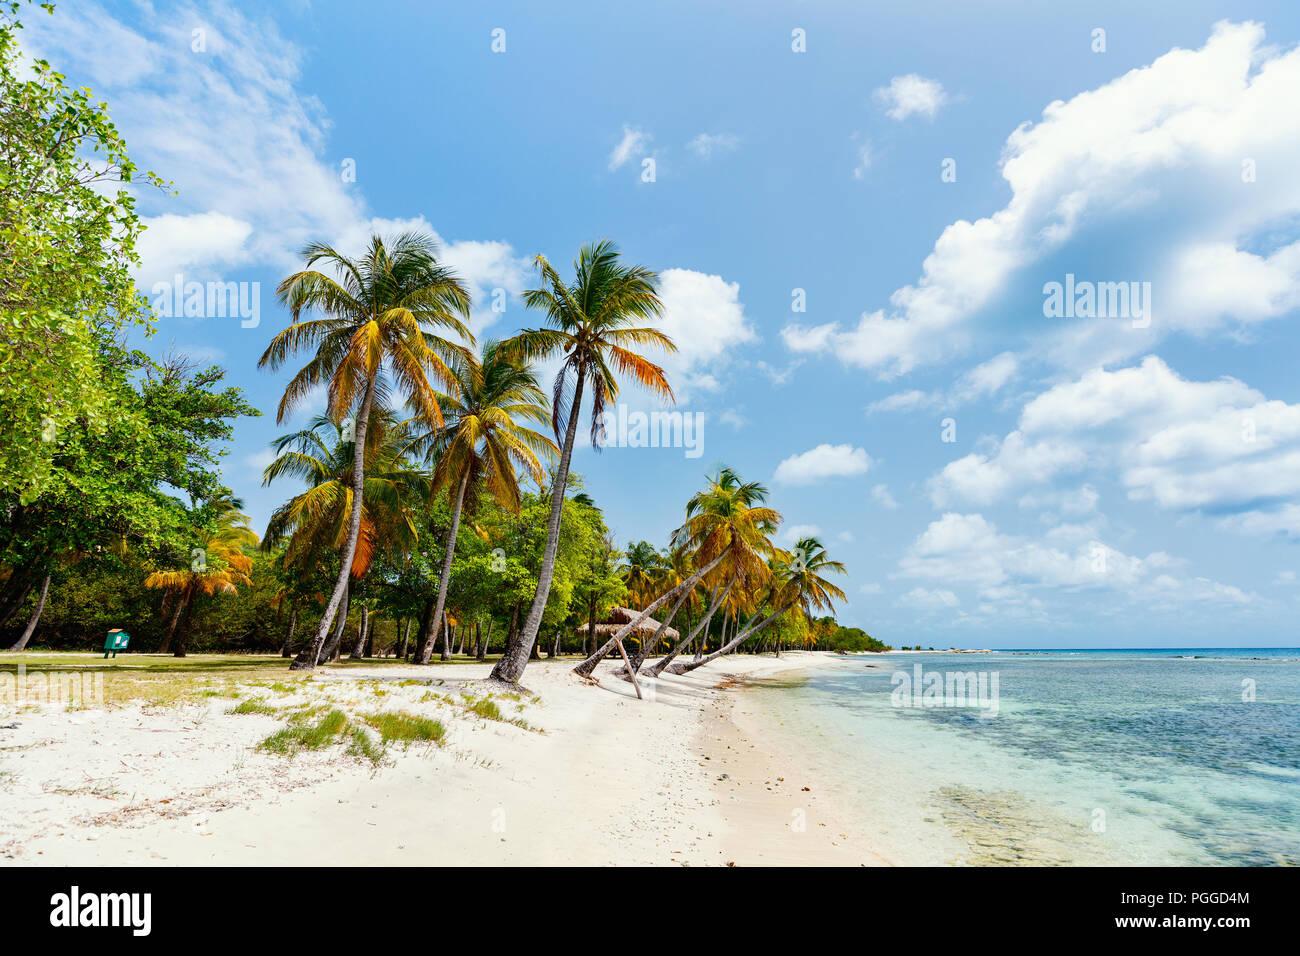 Tropical idílica playa de arena blanca, palmeras y aguas turquesas del mar Caribe agua en Mustique island en San Vicente y las Granadinas Imagen De Stock